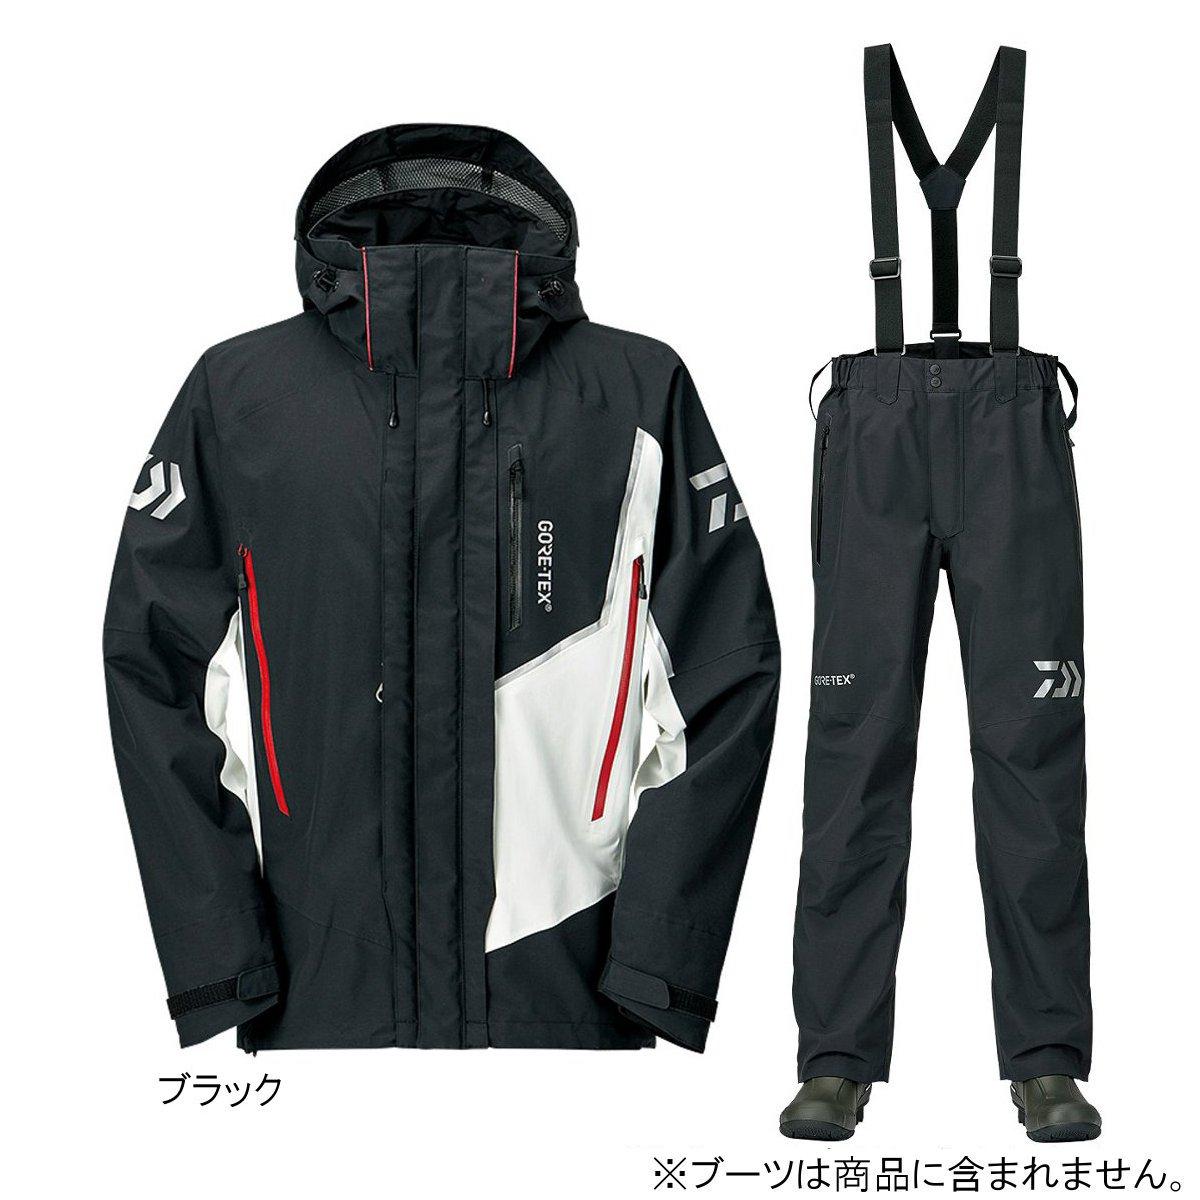 ダイワ ゴアテックス プロダクト コンビアップレインスーツ DR-18009 M ブラック(東日本店)